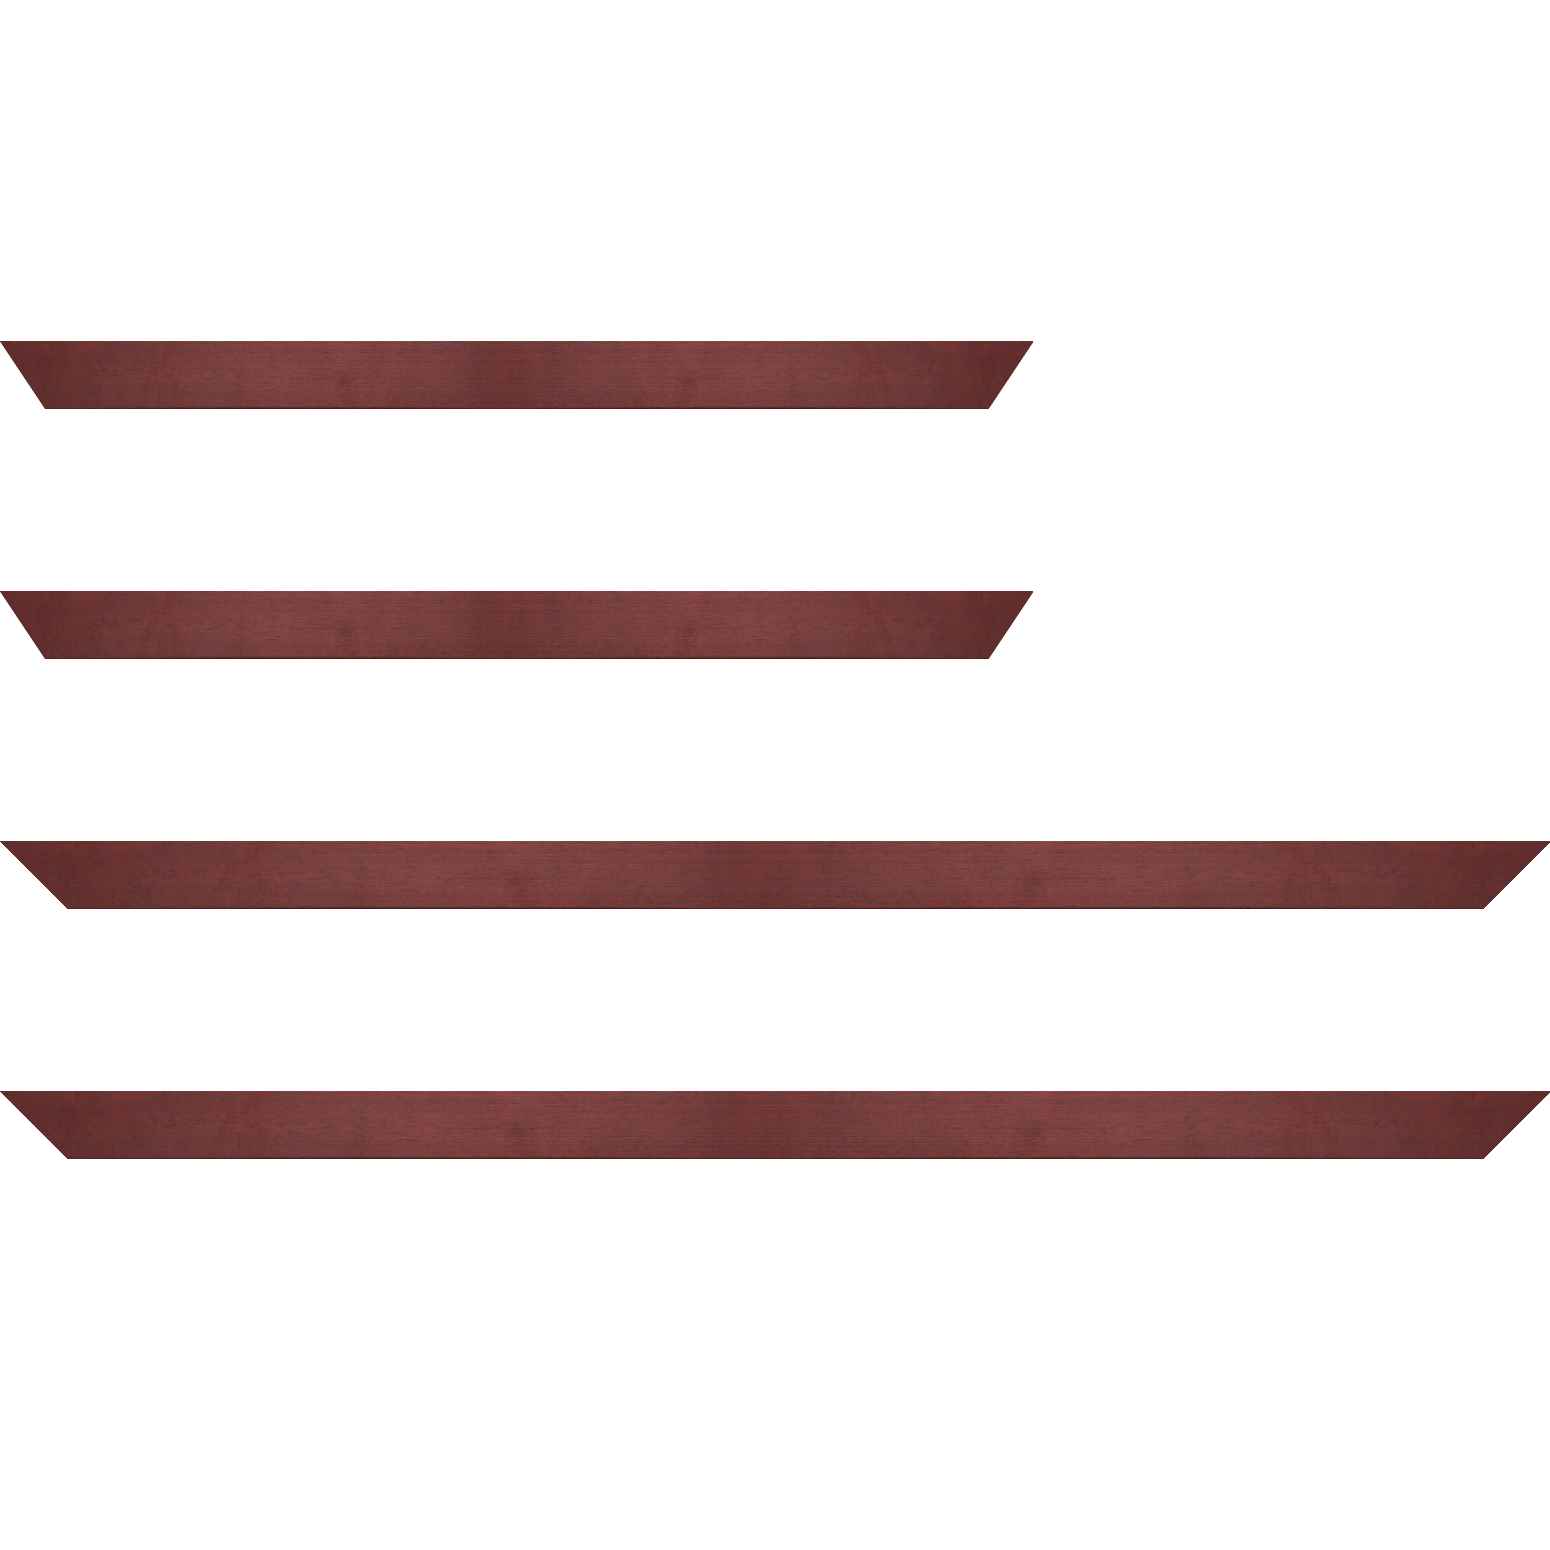 Baguette service précoupé bois profil plat largeur 2.5cm couleur rose fushia satiné